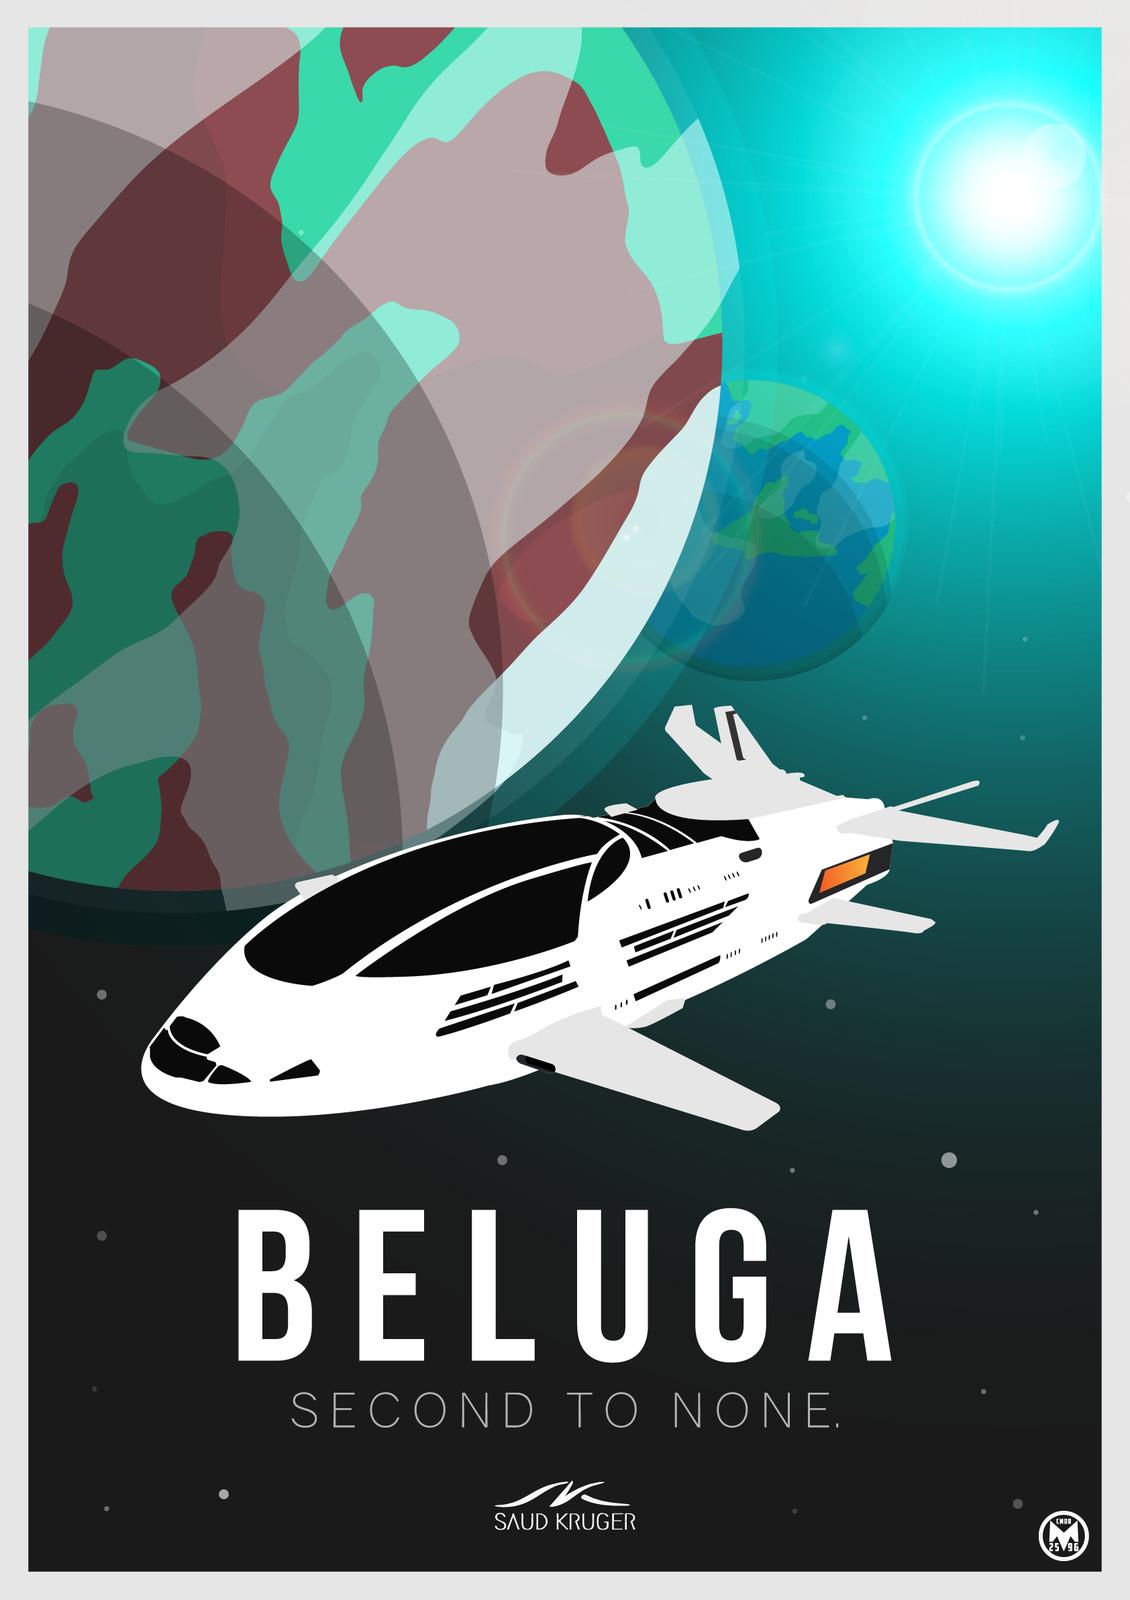 Elite Dangerous - Beluga Liner